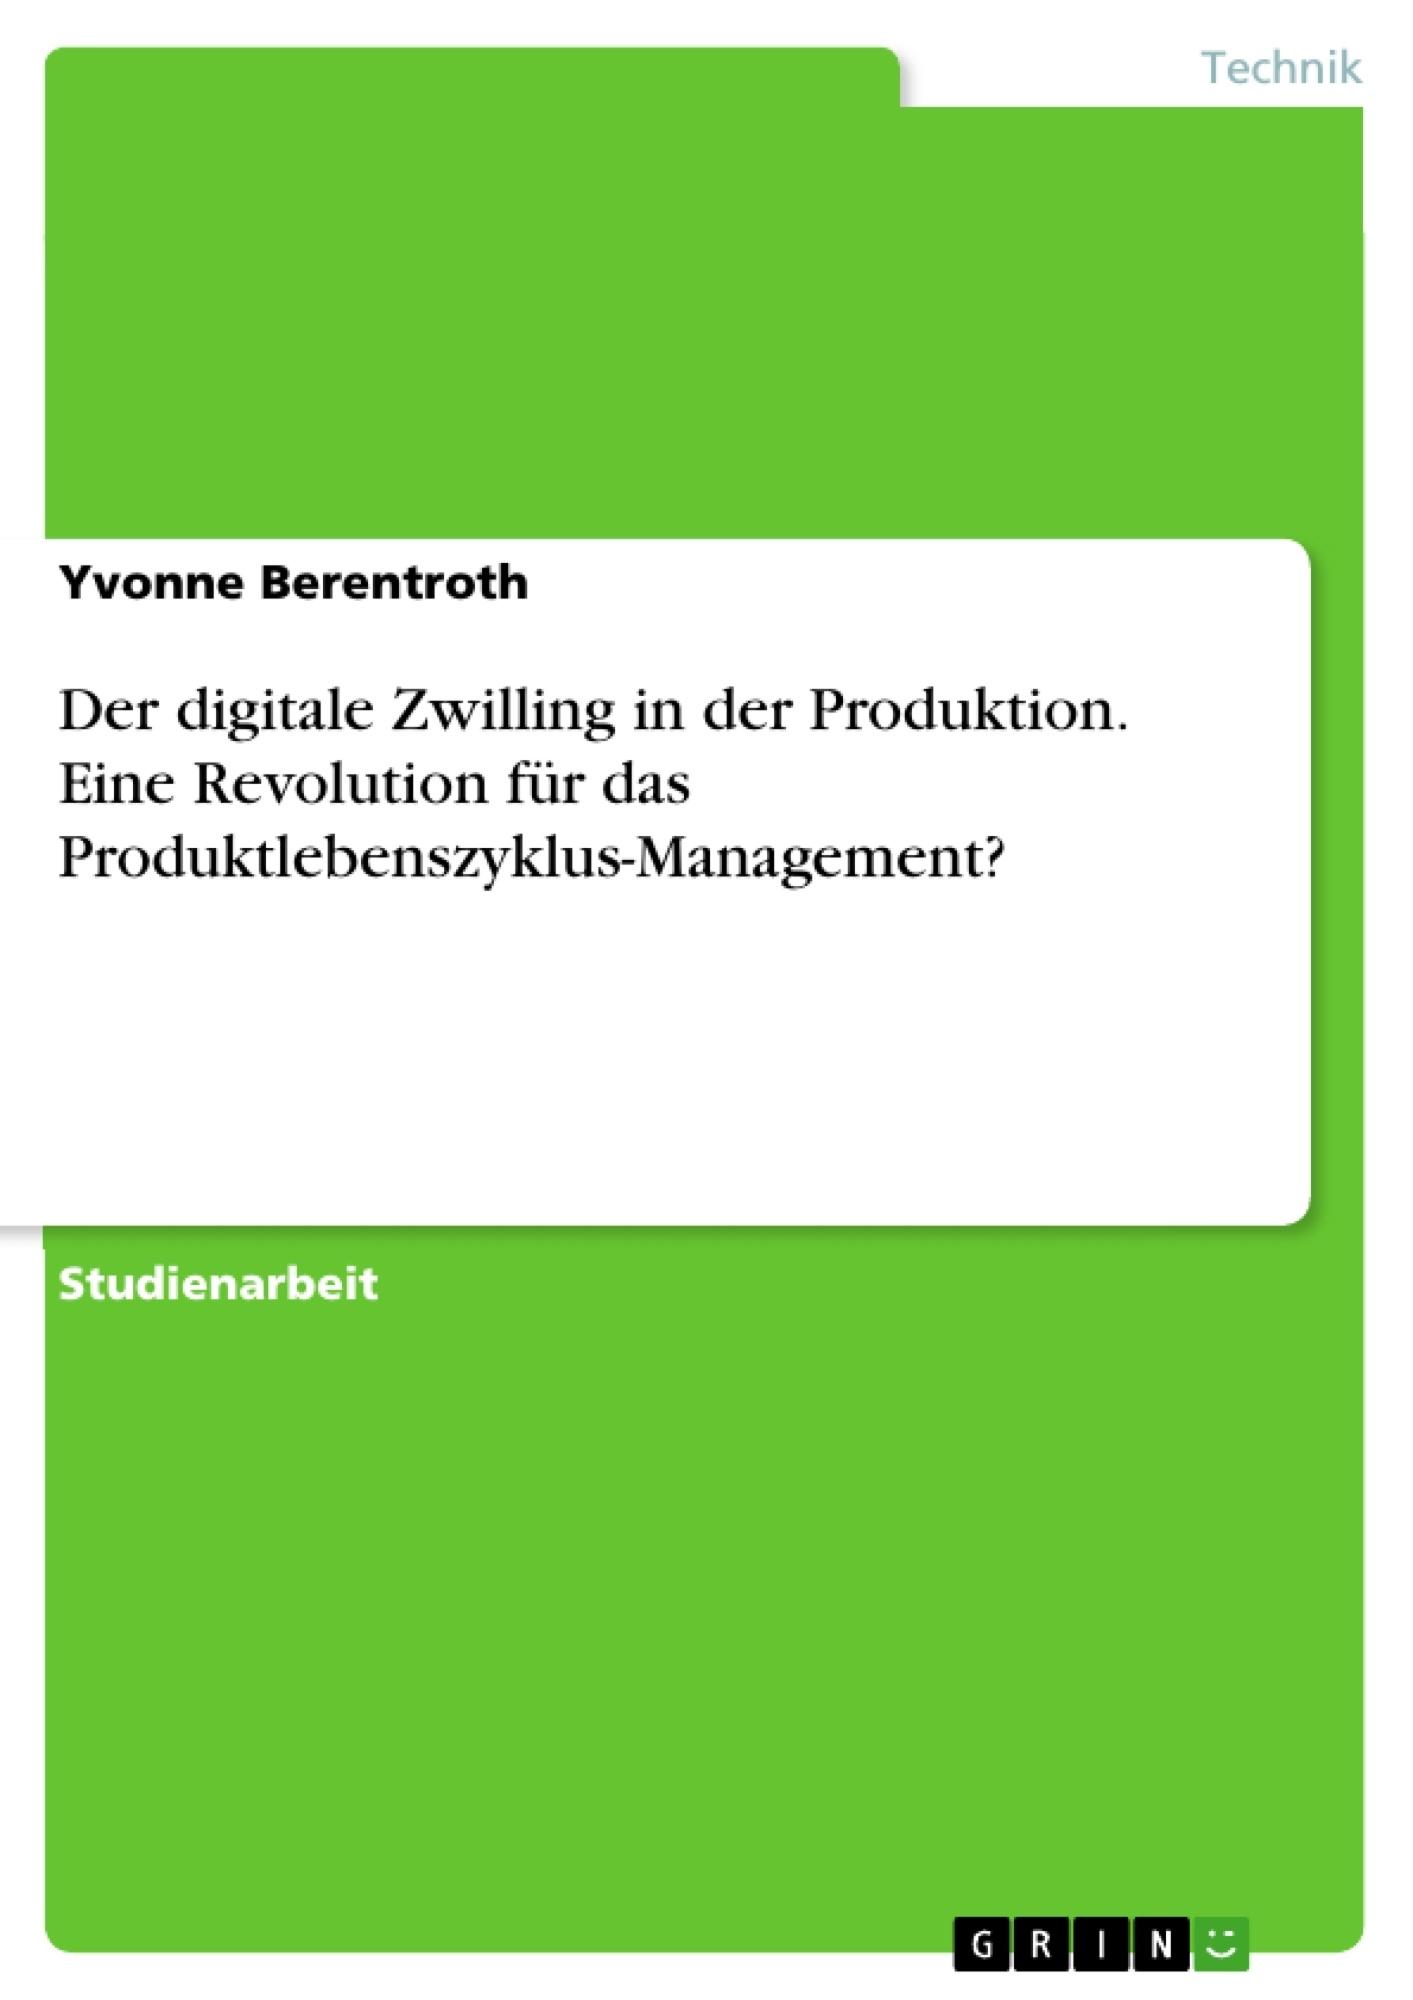 Titel: Der digitale Zwilling in der Produktion. Eine Revolution für das Produktlebenszyklus-Management?